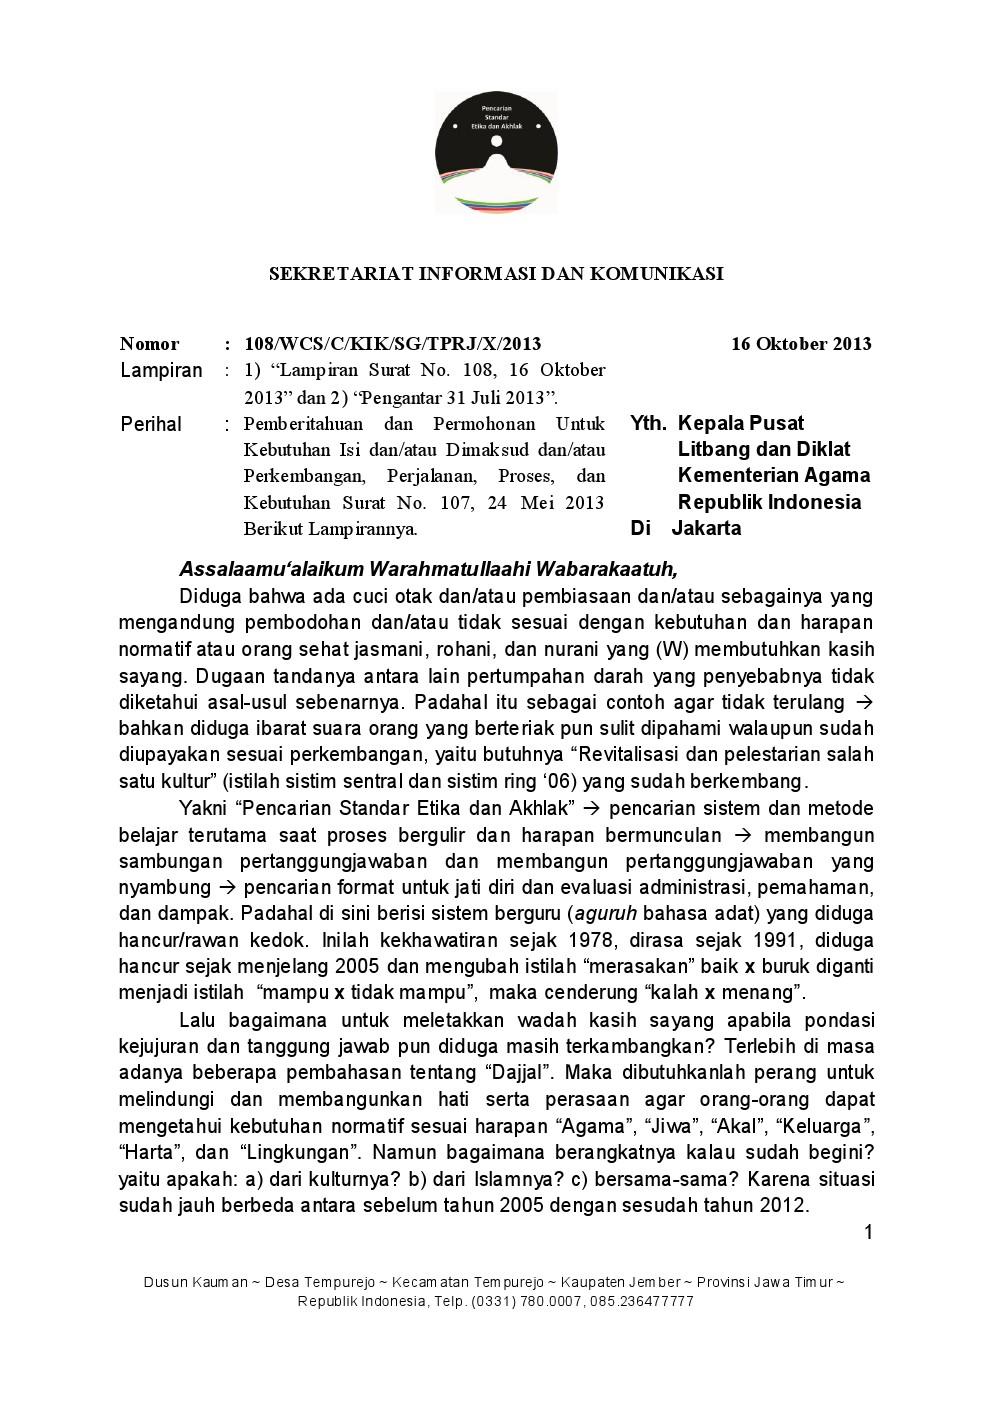 Surat 108 Pencarian Standar Etika Dan Akhlak